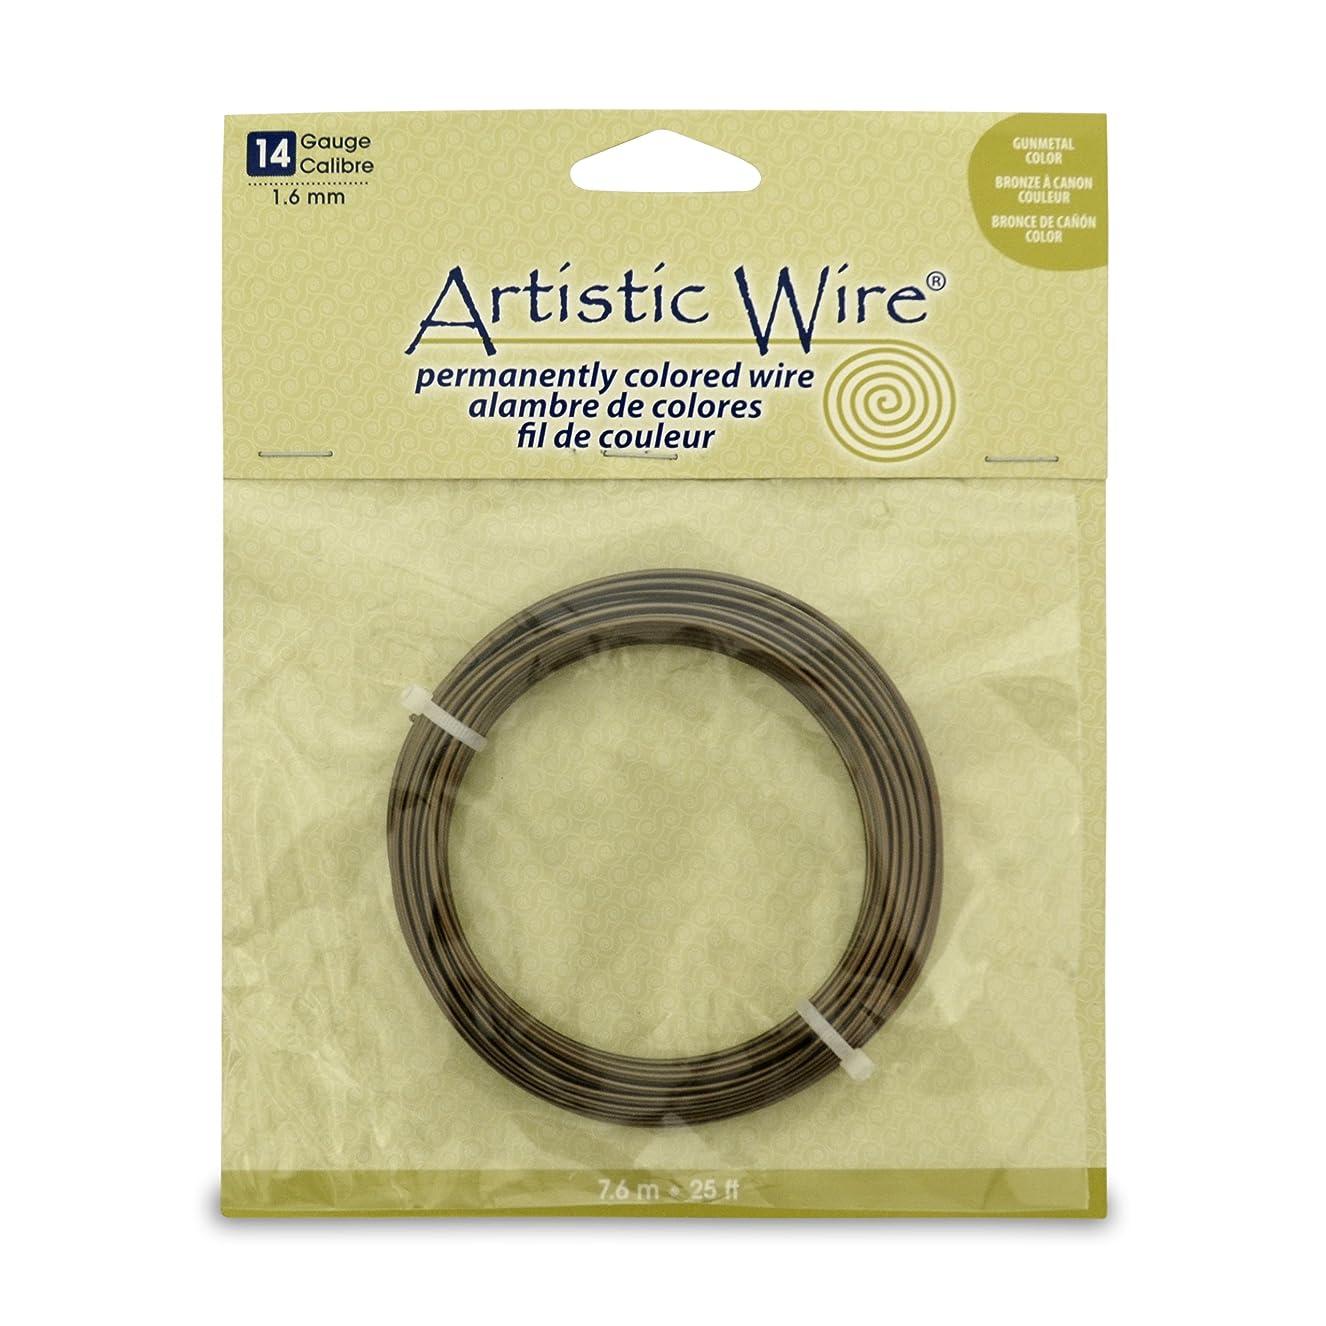 Artistic Wire 14 Gauge Wire, Antique Brass, 25-Feet kuwuoqshzp9933